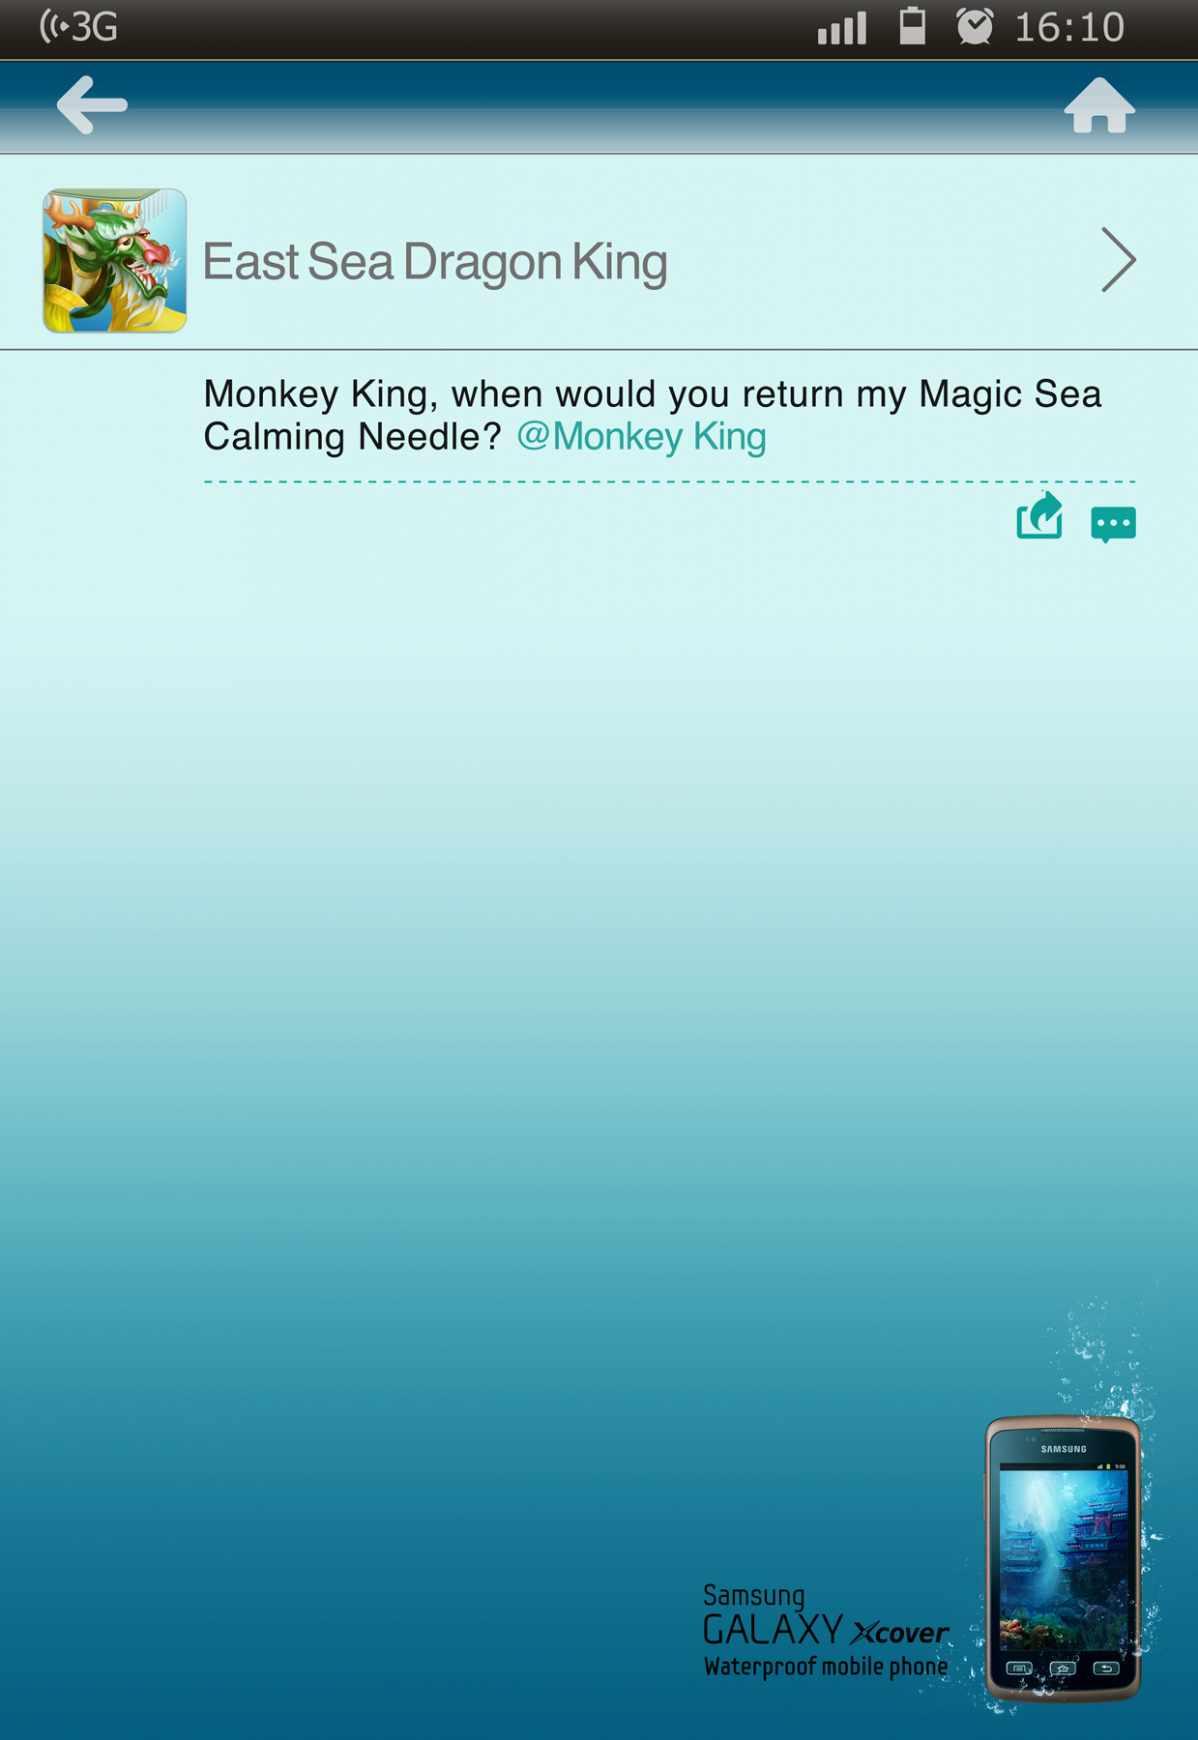 samsung-waterproof-phone_monkey-king